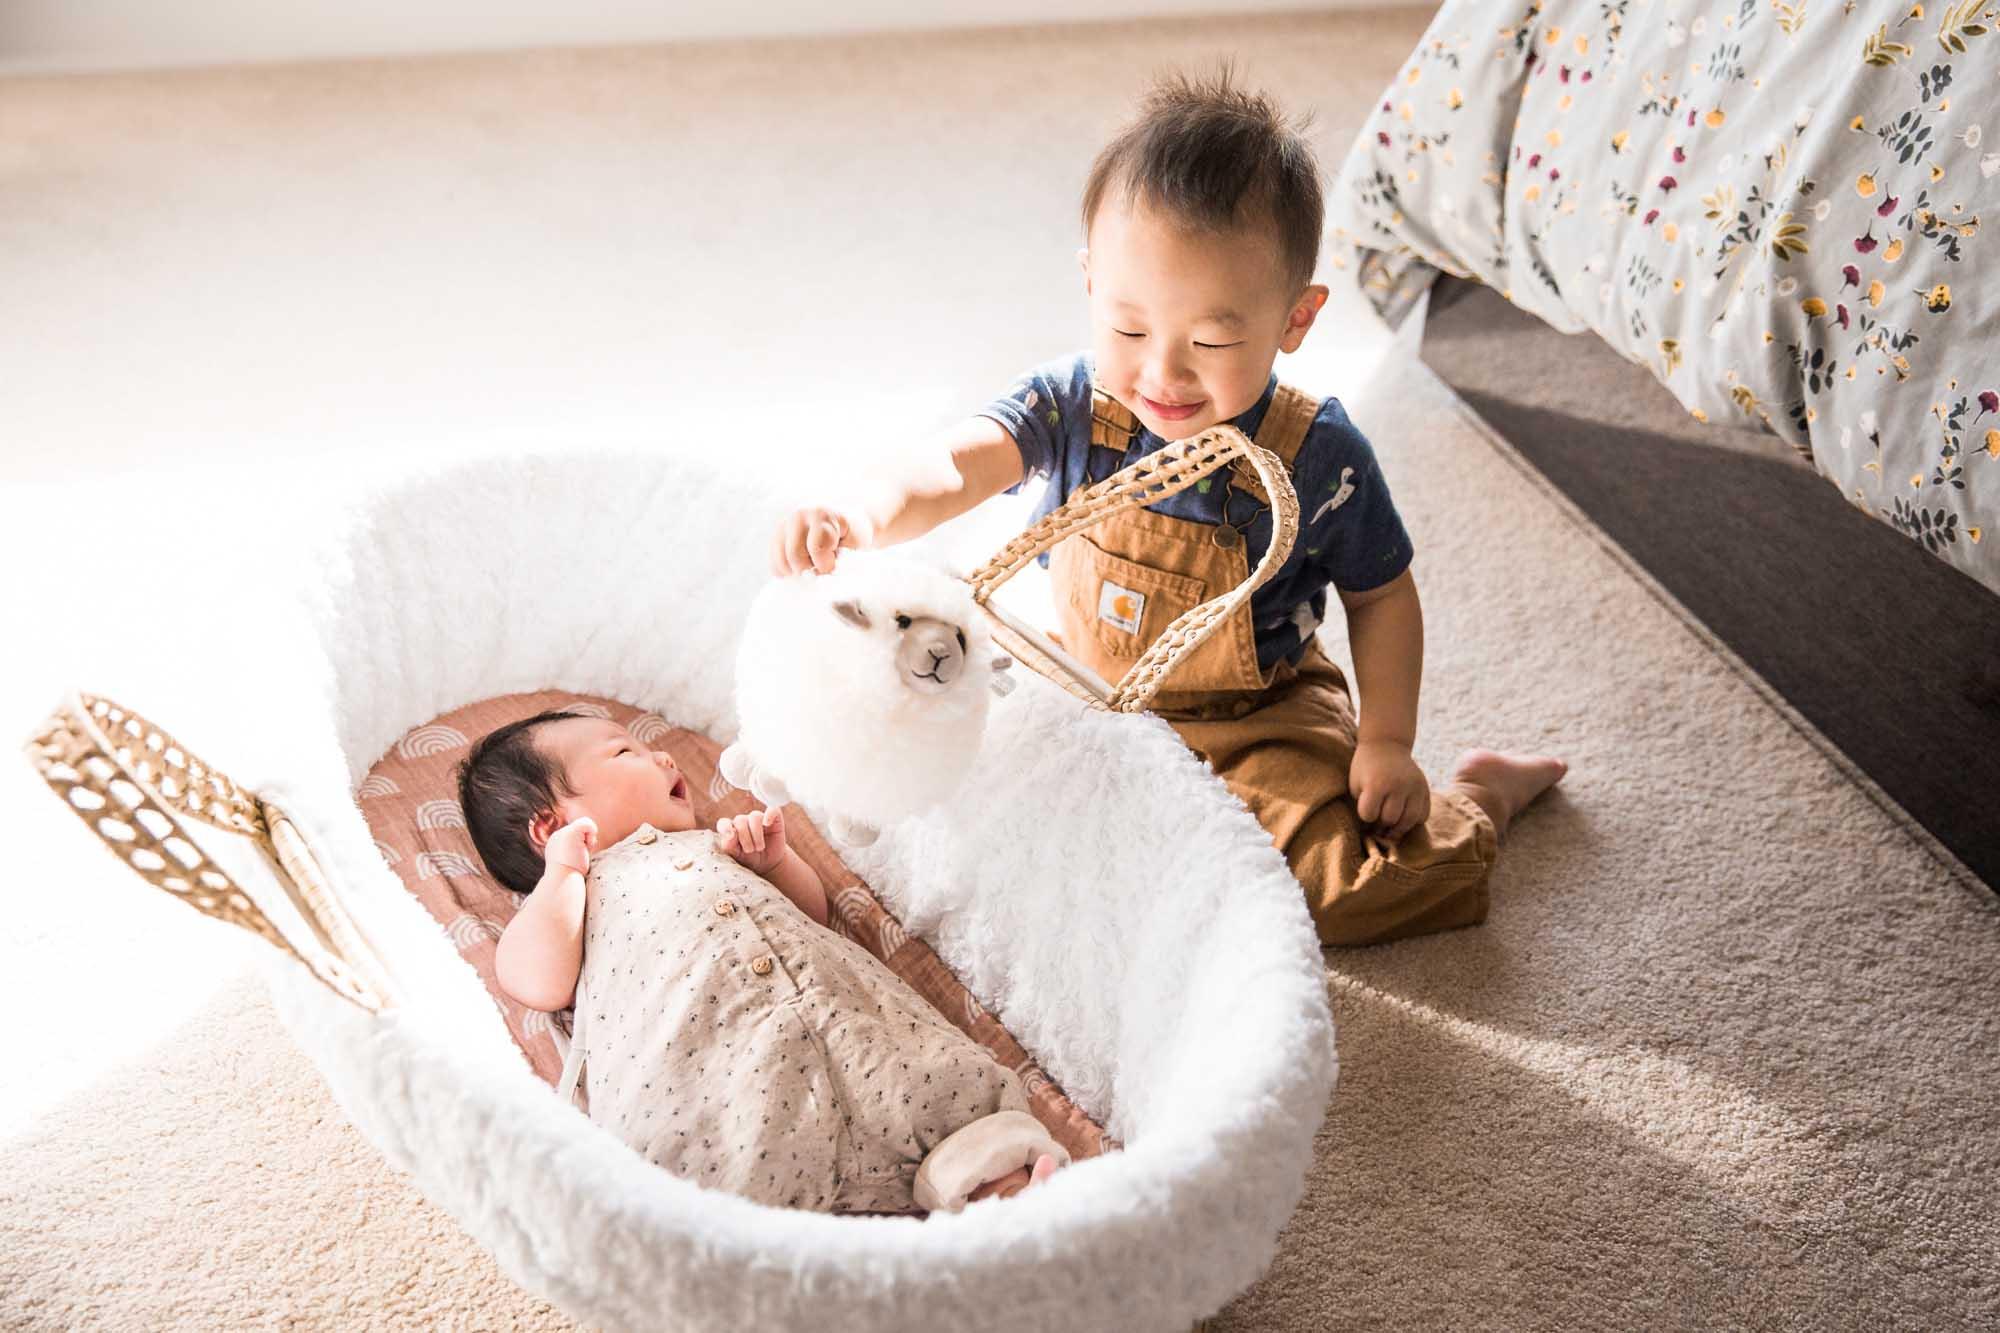 Calgary lifestyle newborn photographer - newborn baby with her family